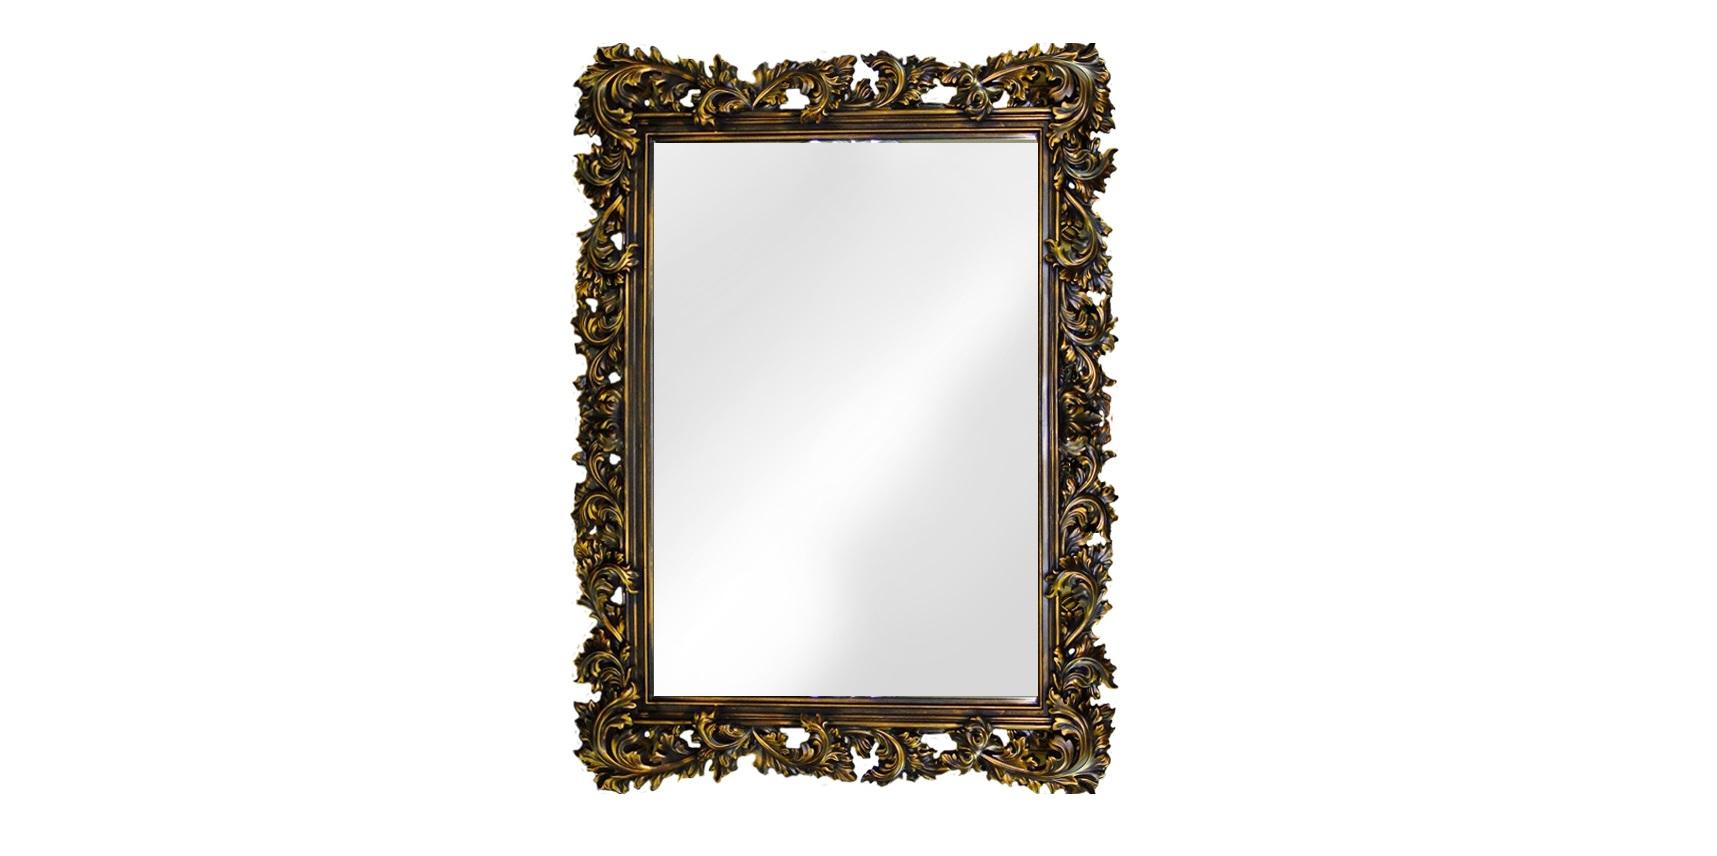 Интерьерное зеркало в стиле ПровансНастенные зеркала<br>&amp;lt;div&amp;gt;Такое зеркало очень выразительно, прекрасно подойдет для интерьеров в европейском стиле, осовремененной классики. Рама изготовлена из мебельного пенополиуретана, современного материала, который внешне напоминает древесину. А при грамотном окрашивании отличить и вовсе сложно. Это зеркало можно и в ванной повесить — ППУ не боится воды, а ухаживать за ним легко, достаточно протереть влажной губкой. Резные элементы выглядят воздушными, хотя и очень прочны, не трескаются, не отламываются.&amp;lt;/div&amp;gt;&amp;lt;div&amp;gt;&amp;lt;br&amp;gt;&amp;lt;/div&amp;gt;&amp;lt;div&amp;gt;&amp;lt;div&amp;gt;Цвет:&amp;amp;nbsp;Венге Золото&amp;lt;/div&amp;gt;&amp;lt;/div&amp;gt;<br><br>Material: Полиуретан<br>Ширина см: 88<br>Высота см: 115<br>Глубина см: 4